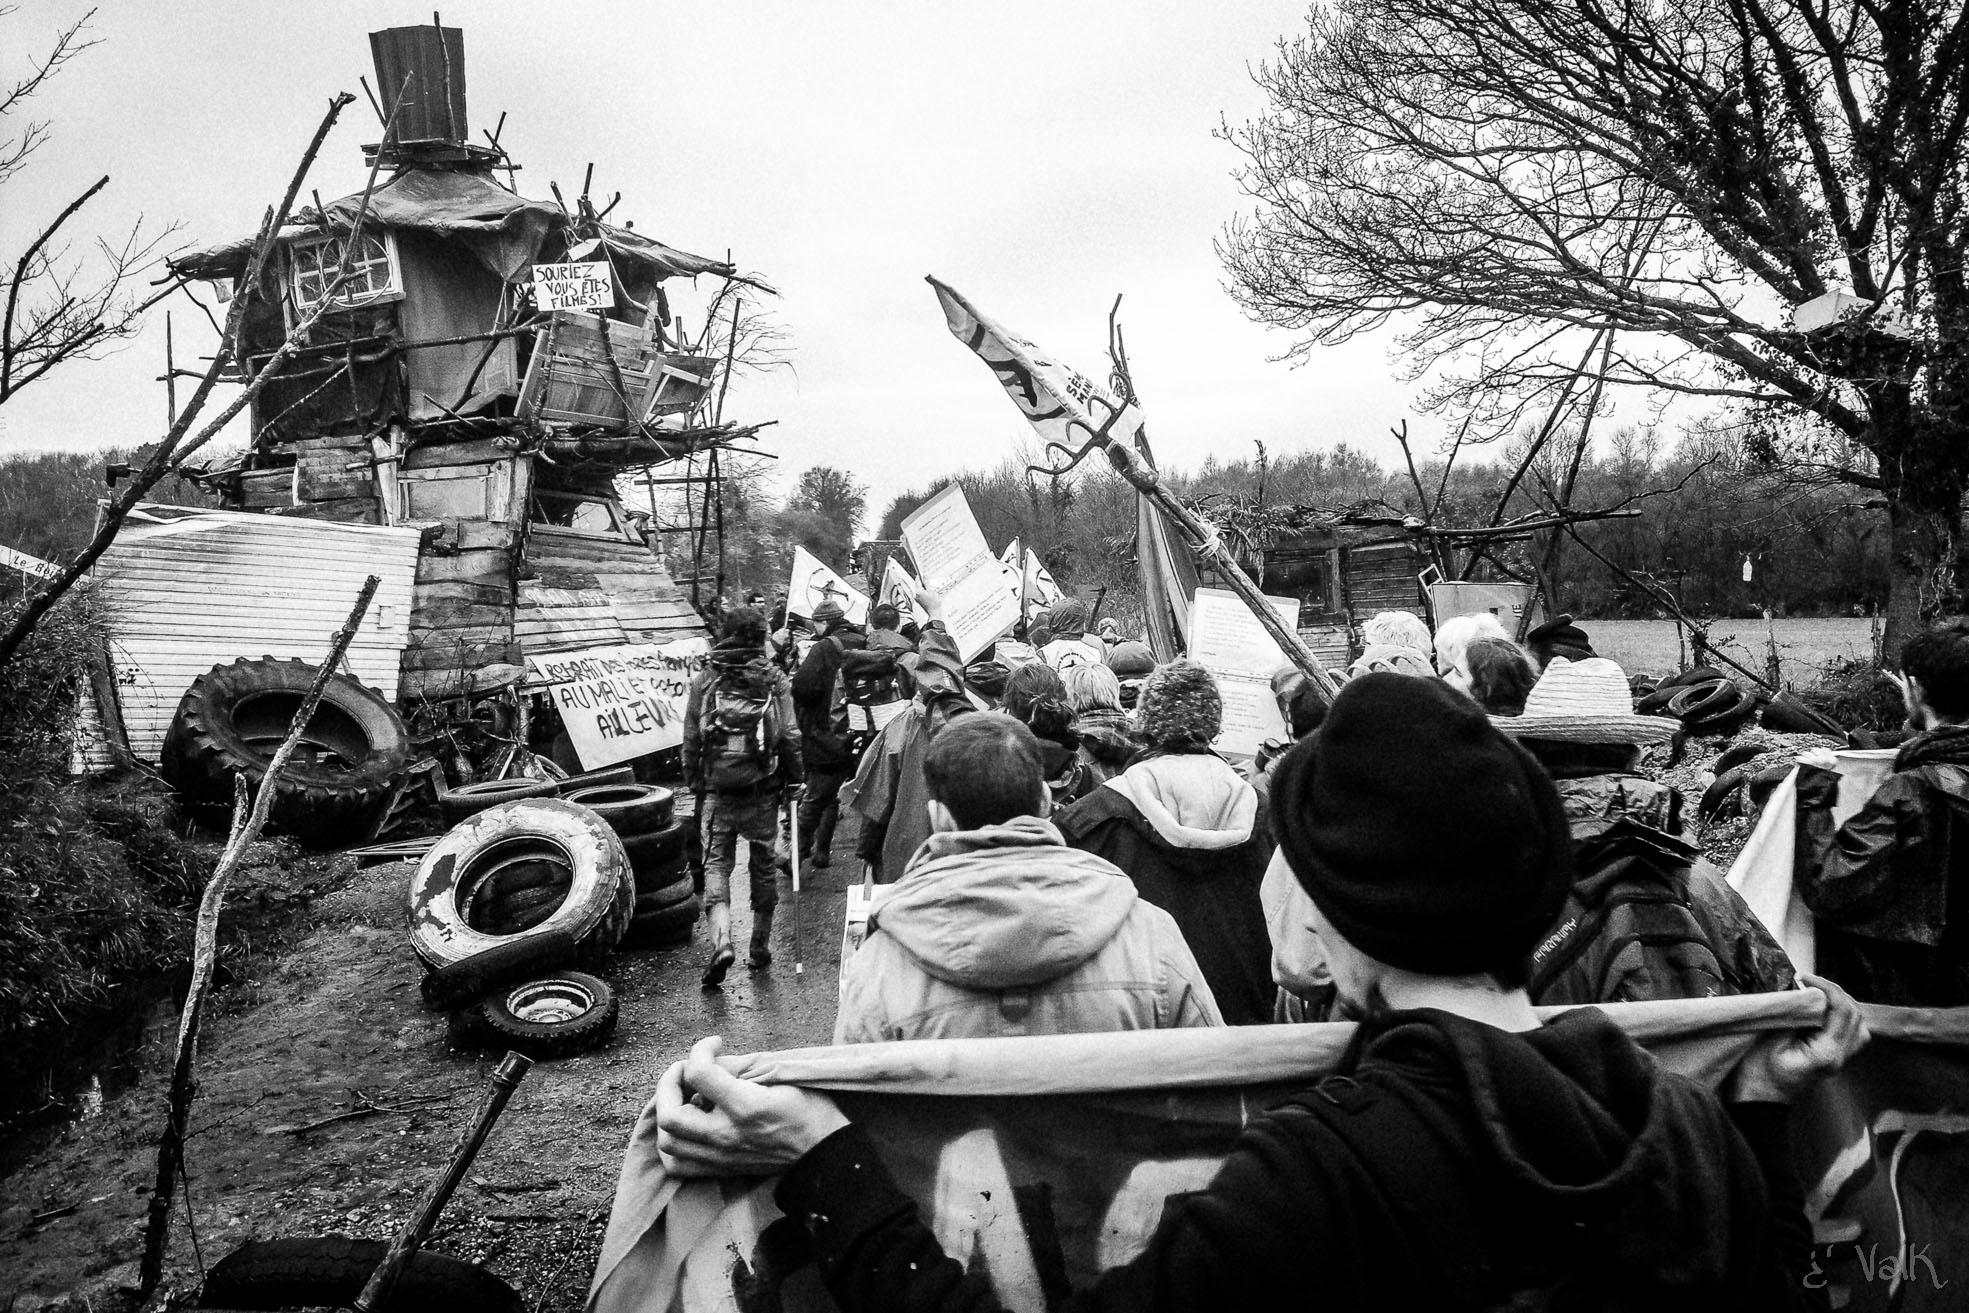 Sulla Route des Chicanes, 2013. Foto di Valk.